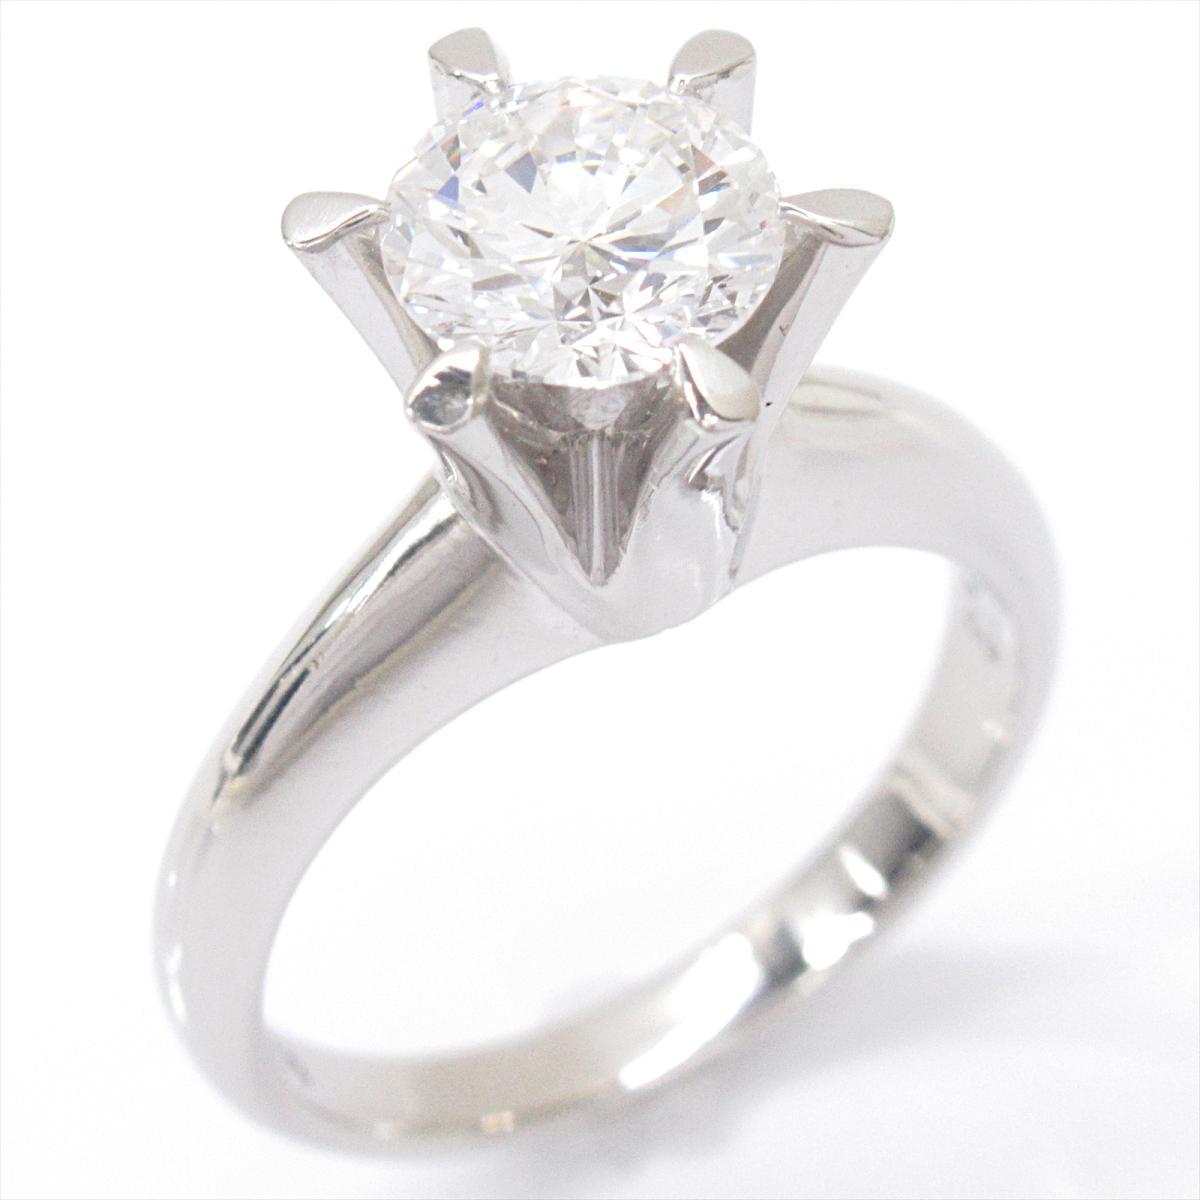 【中古】 ジュエリー 1粒 ダイヤモンド リング 指輪 レディース PT900 プラチナ x   JEWELRY BRANDOFF ブランドオフ ブランド アクセサリー